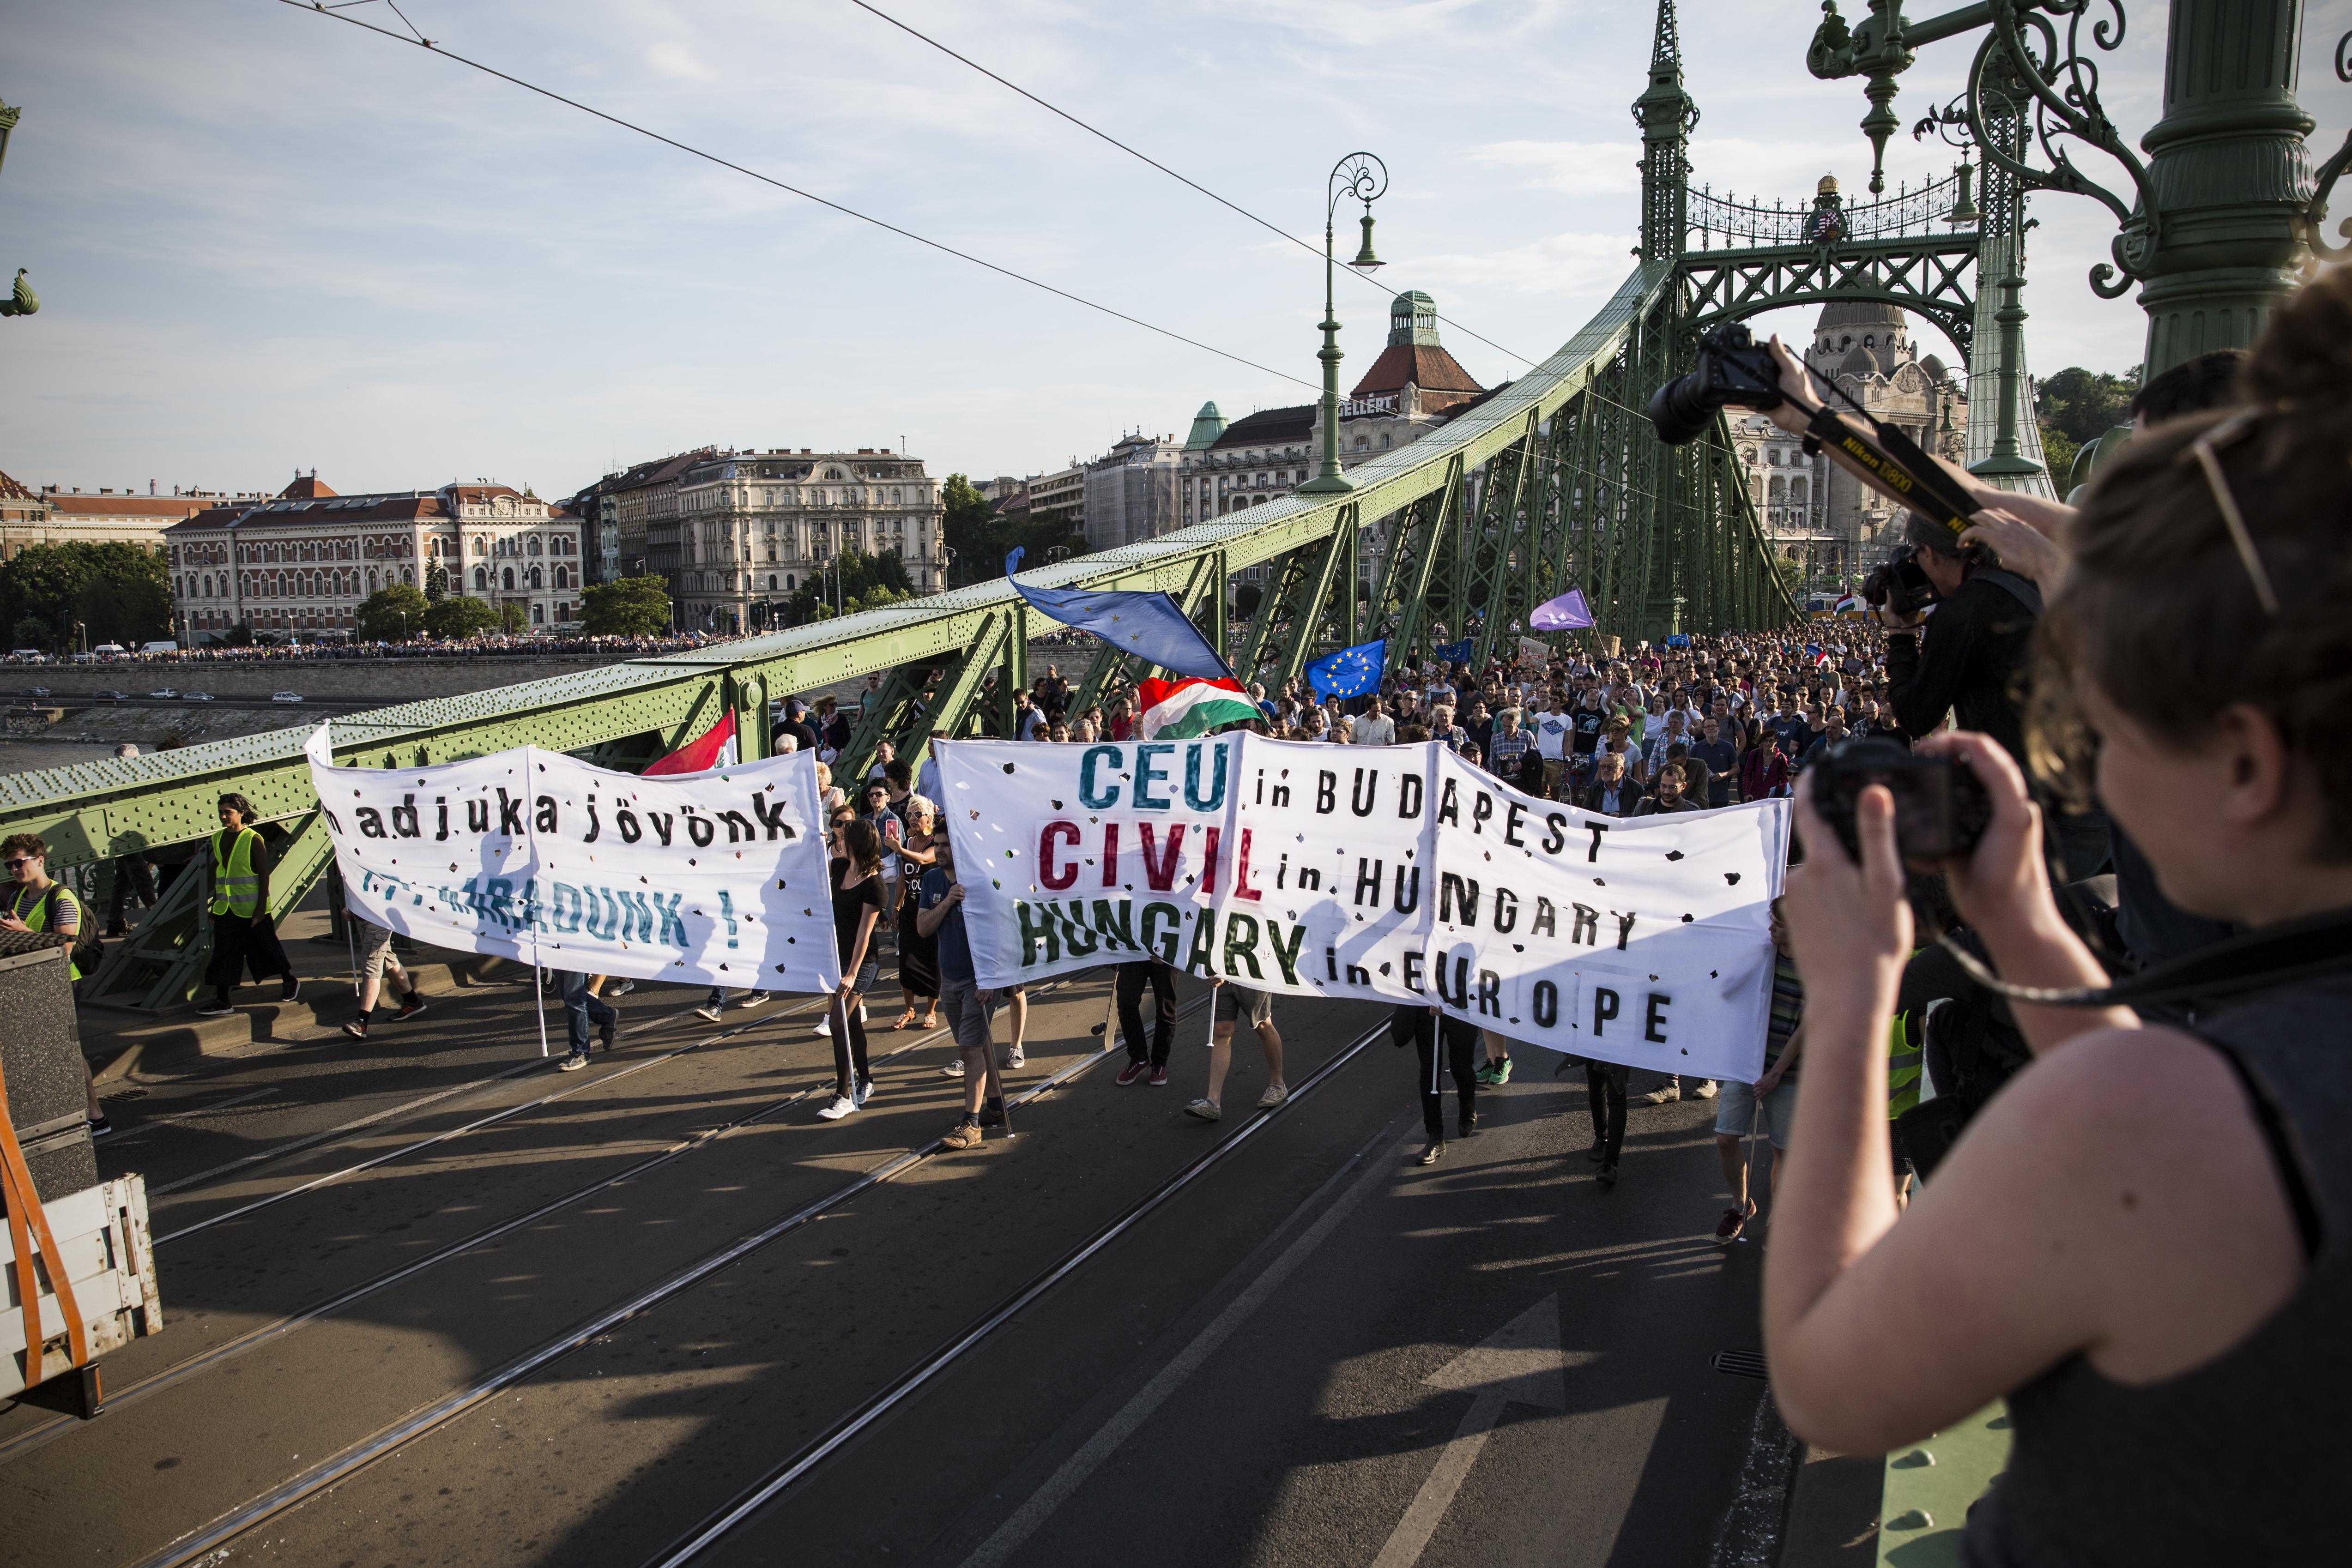 Elfogadta a parlament a civiltörvényt, a TASZ és a Helsinki bojkottot hirdetett